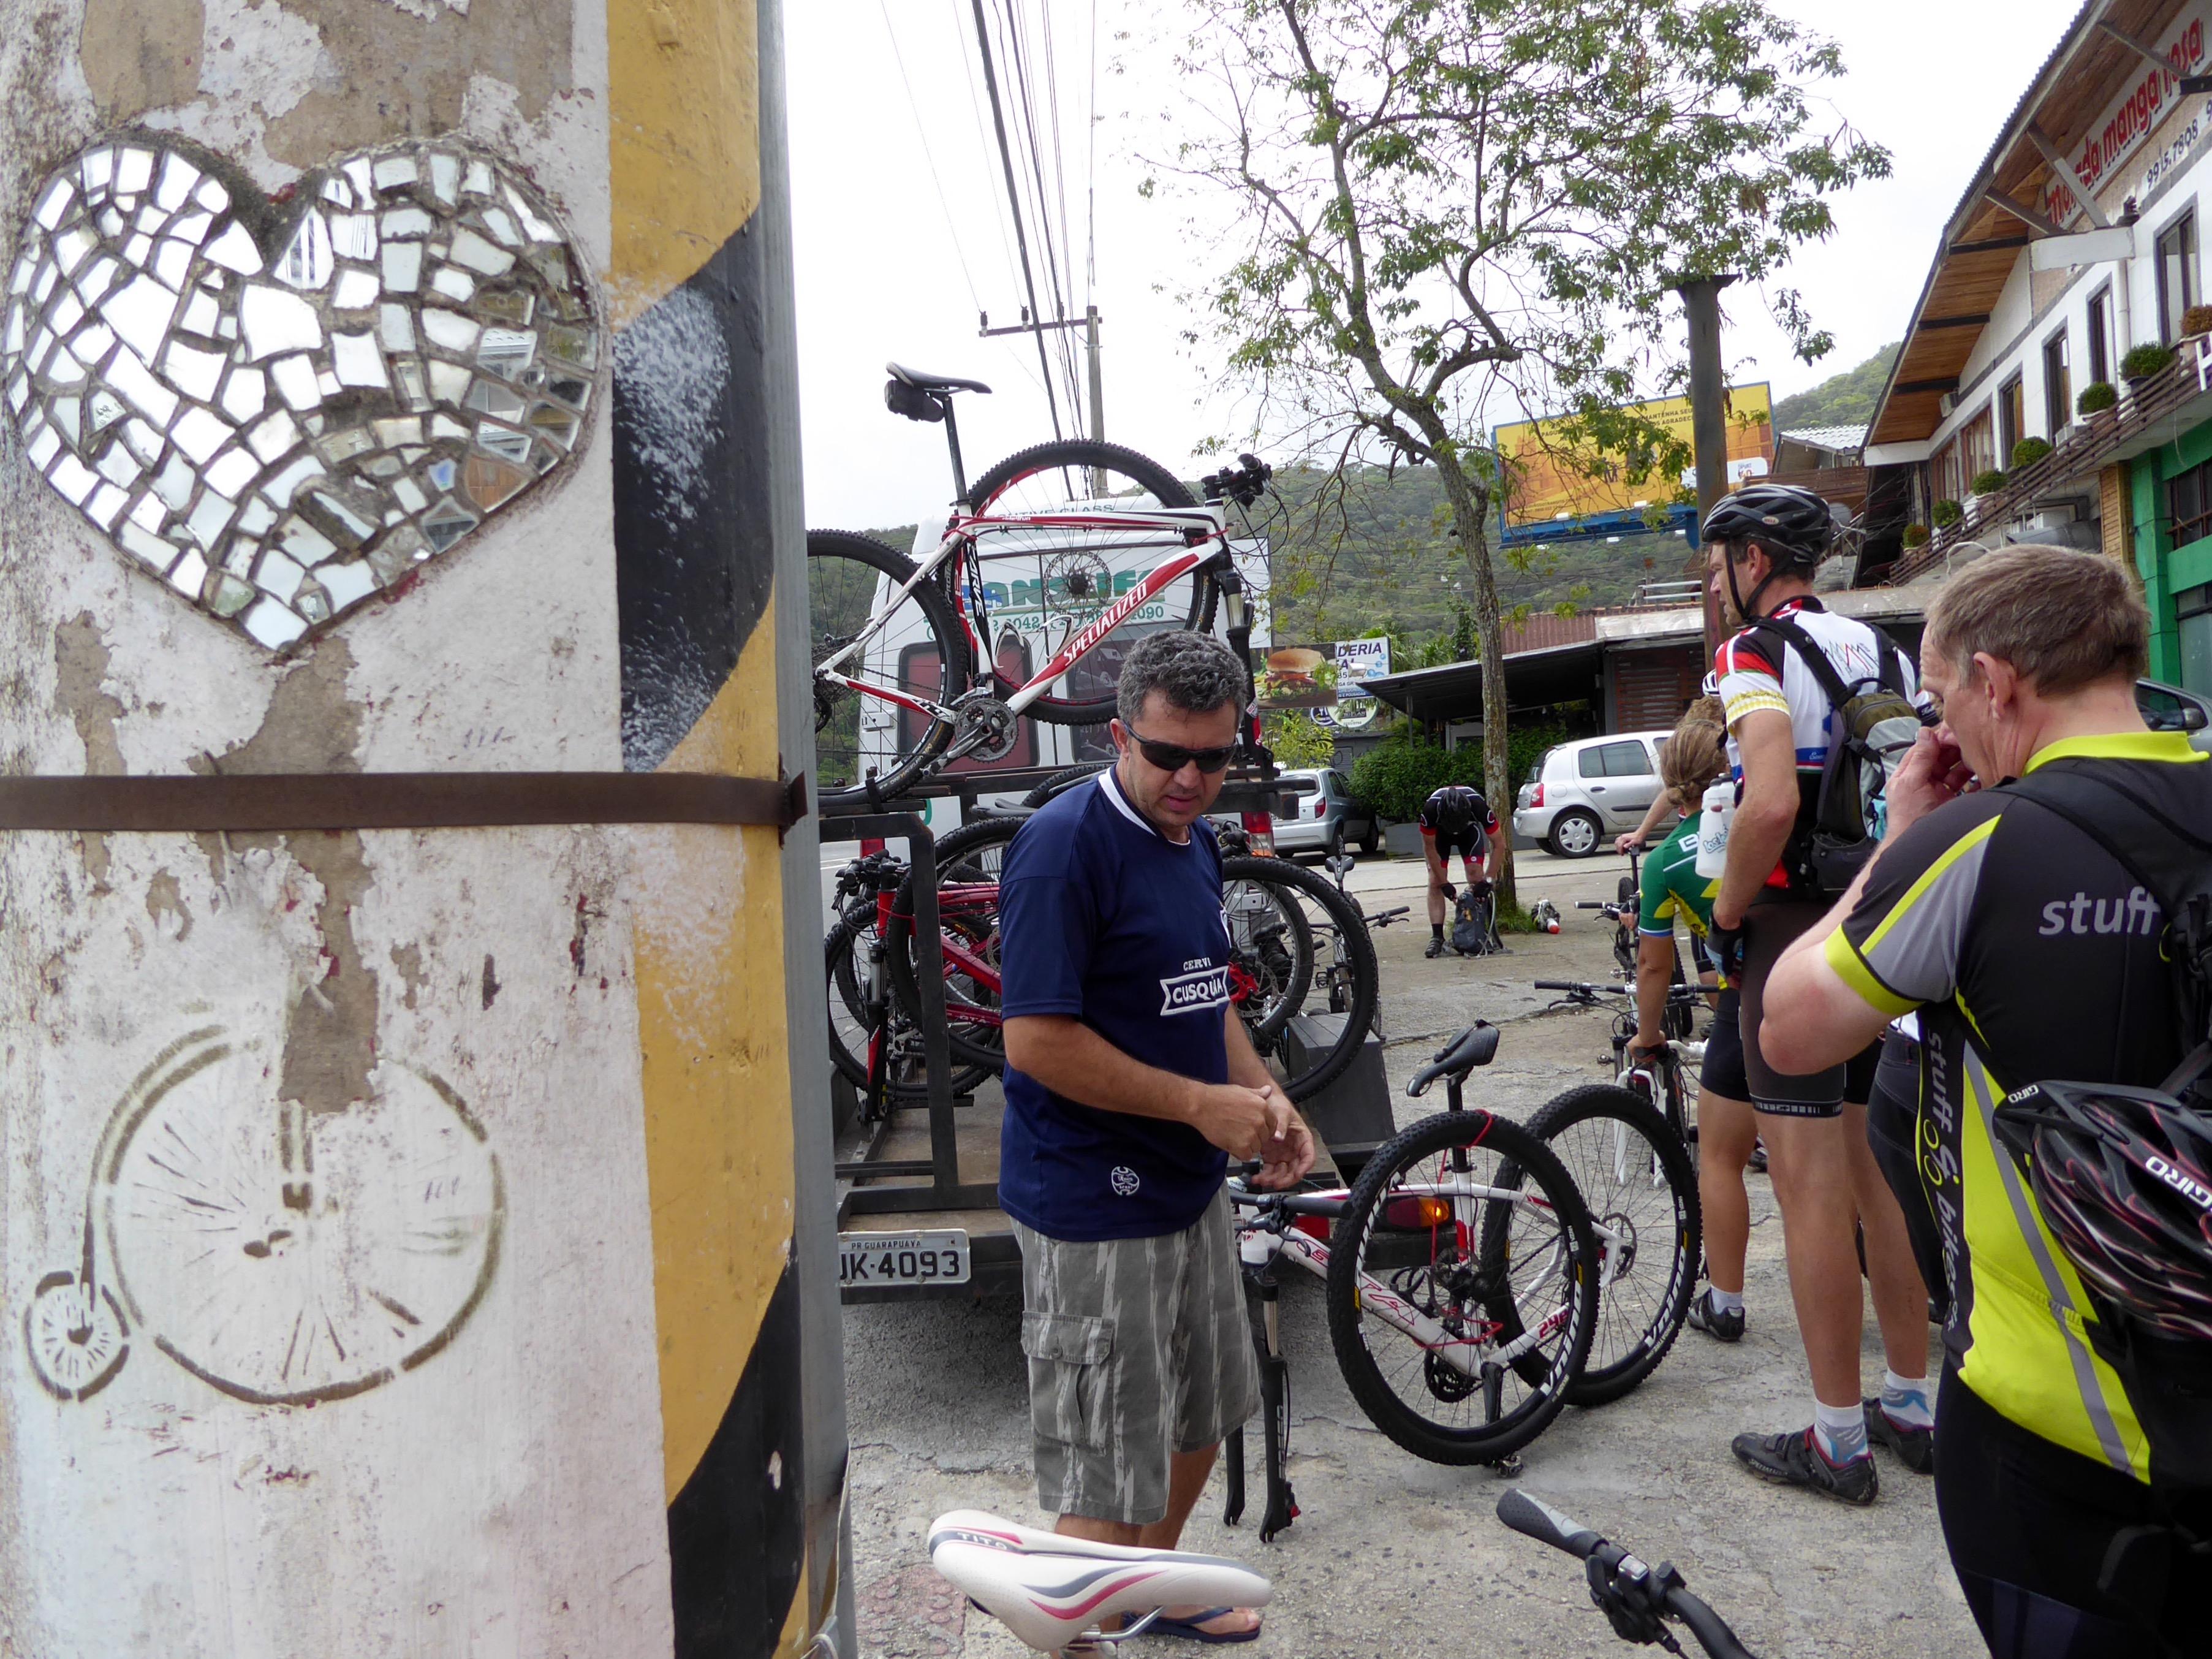 Vi pakker cyklerne på bussens trailer... og meget symbolsk er der en væltepeter på lygtepælen.